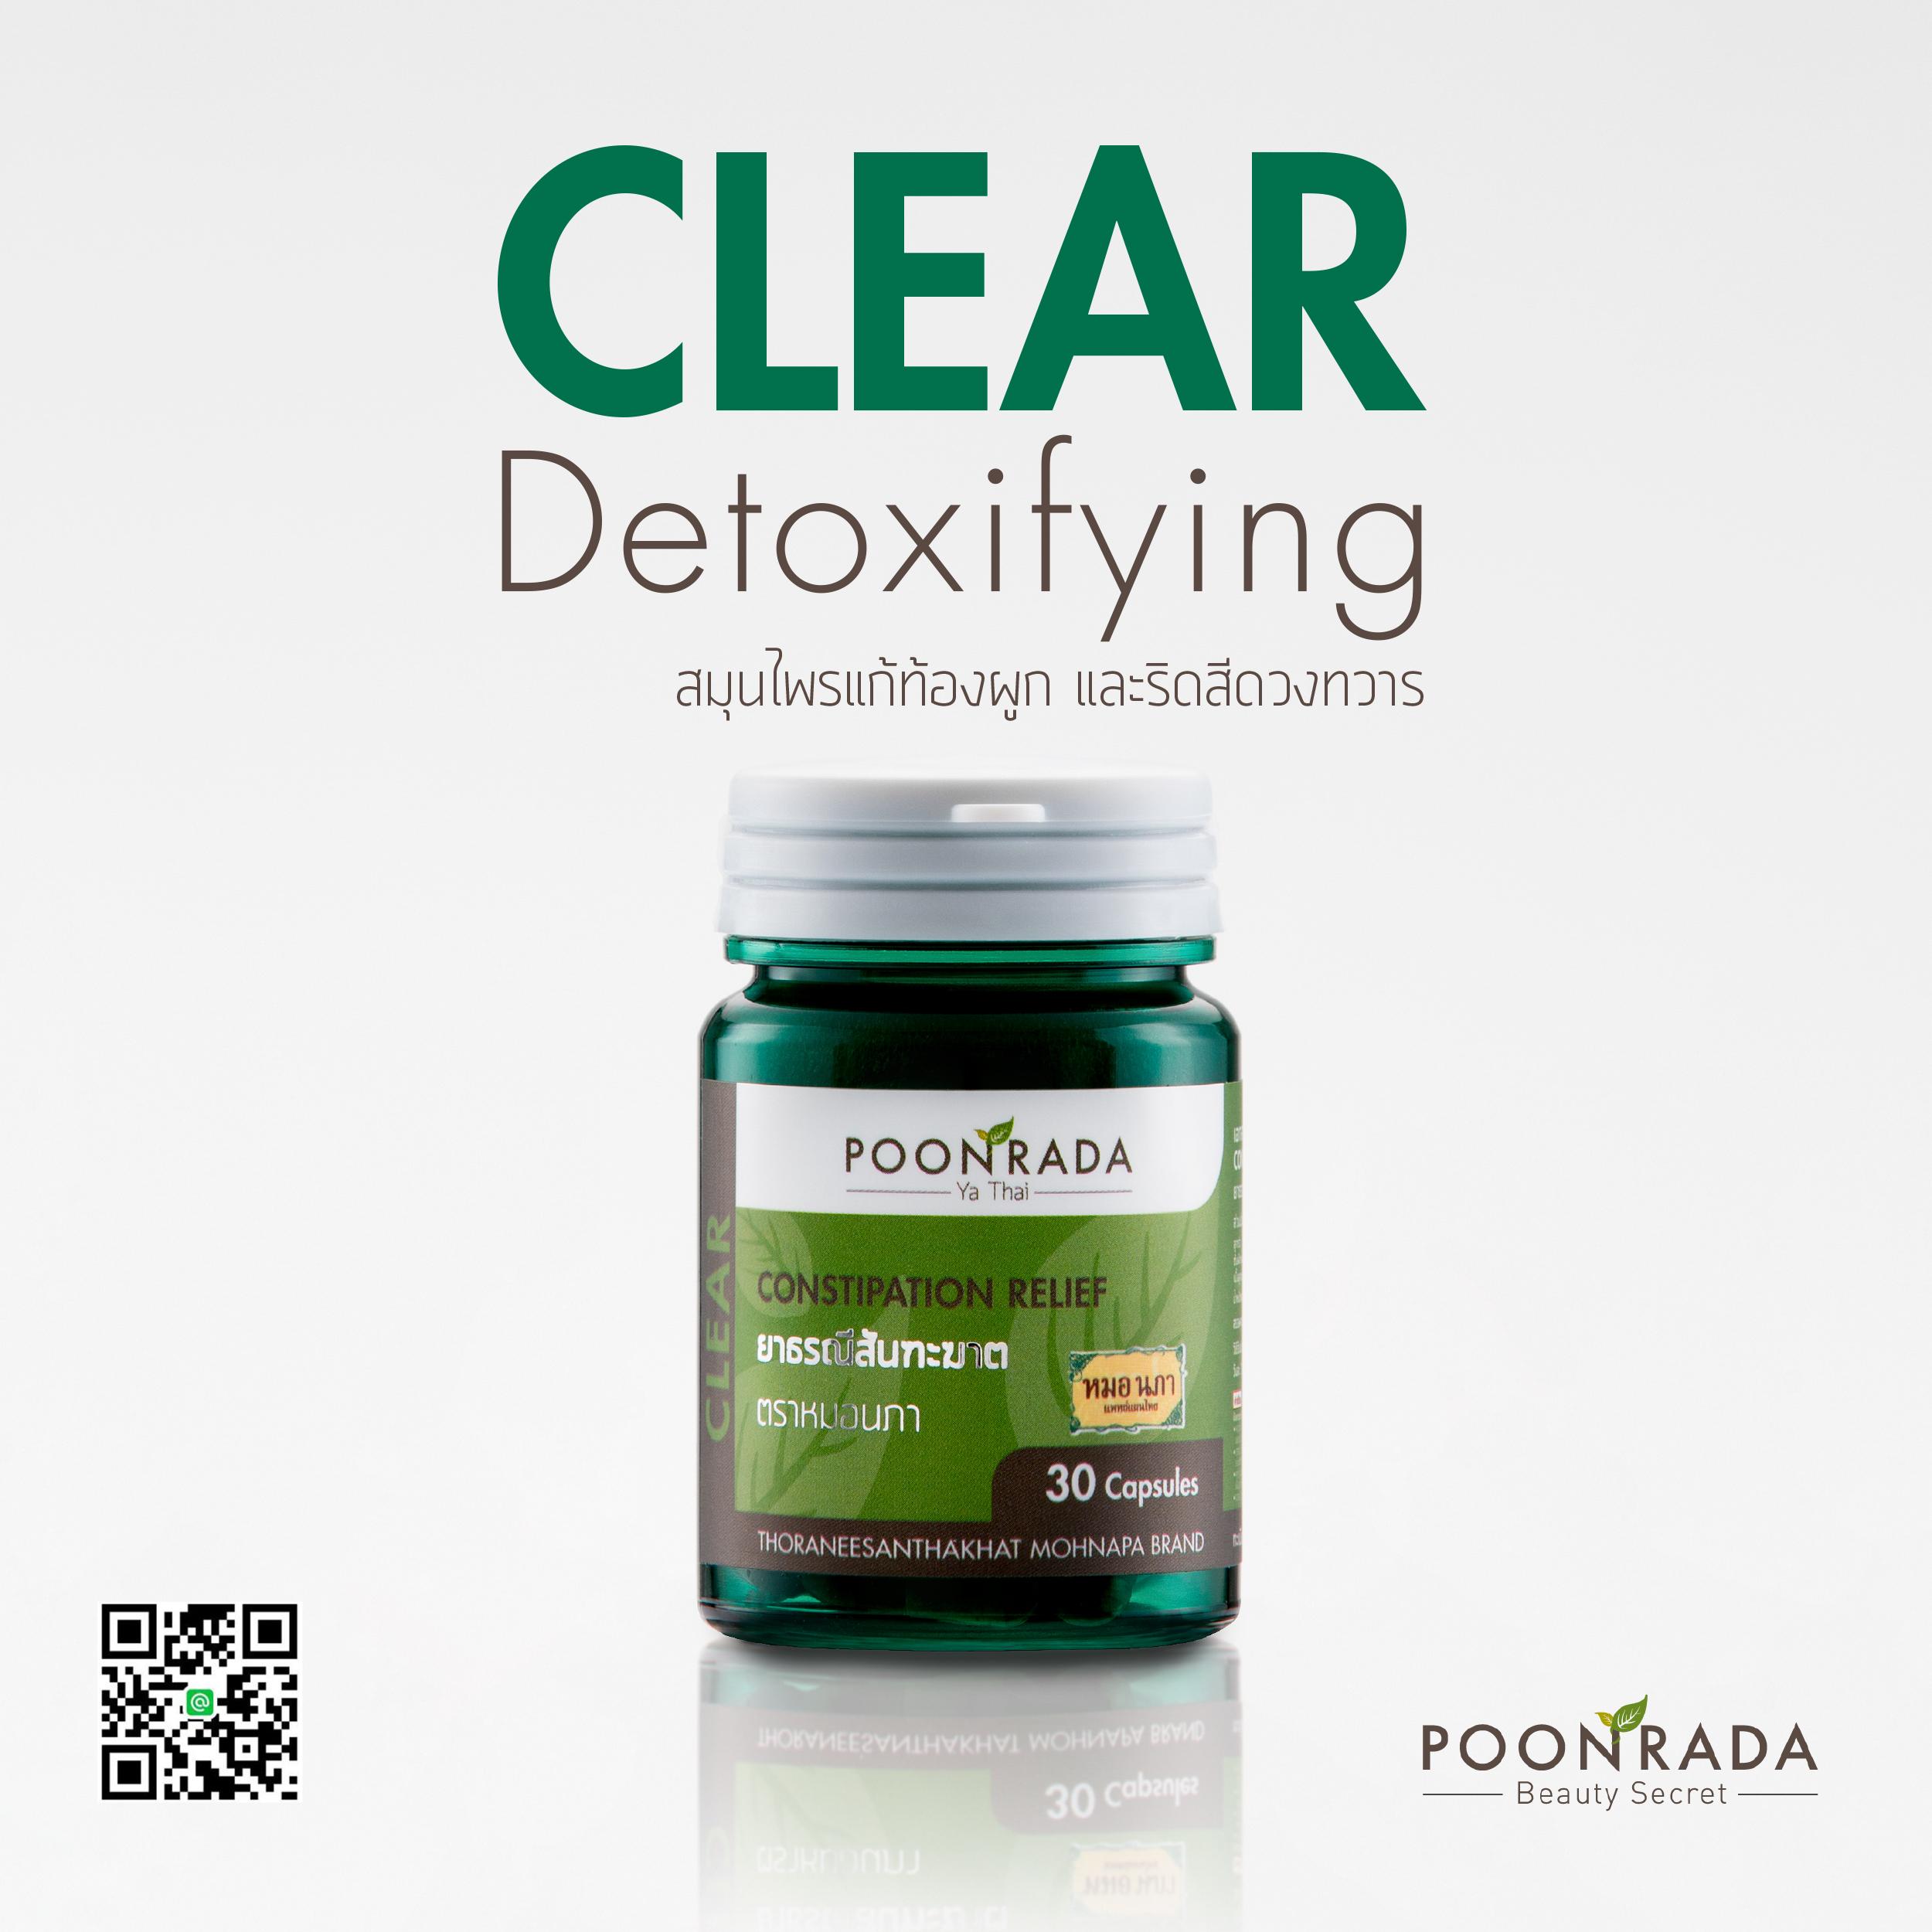 ยาสมุนไพรแก้ท้องผูกเรื้อรัง Poonrada: วิธีแก้ท้องผูกเรื้อรัง ถ่ายยาก อุจจาระแข็ง ด้วยสมุนไพร